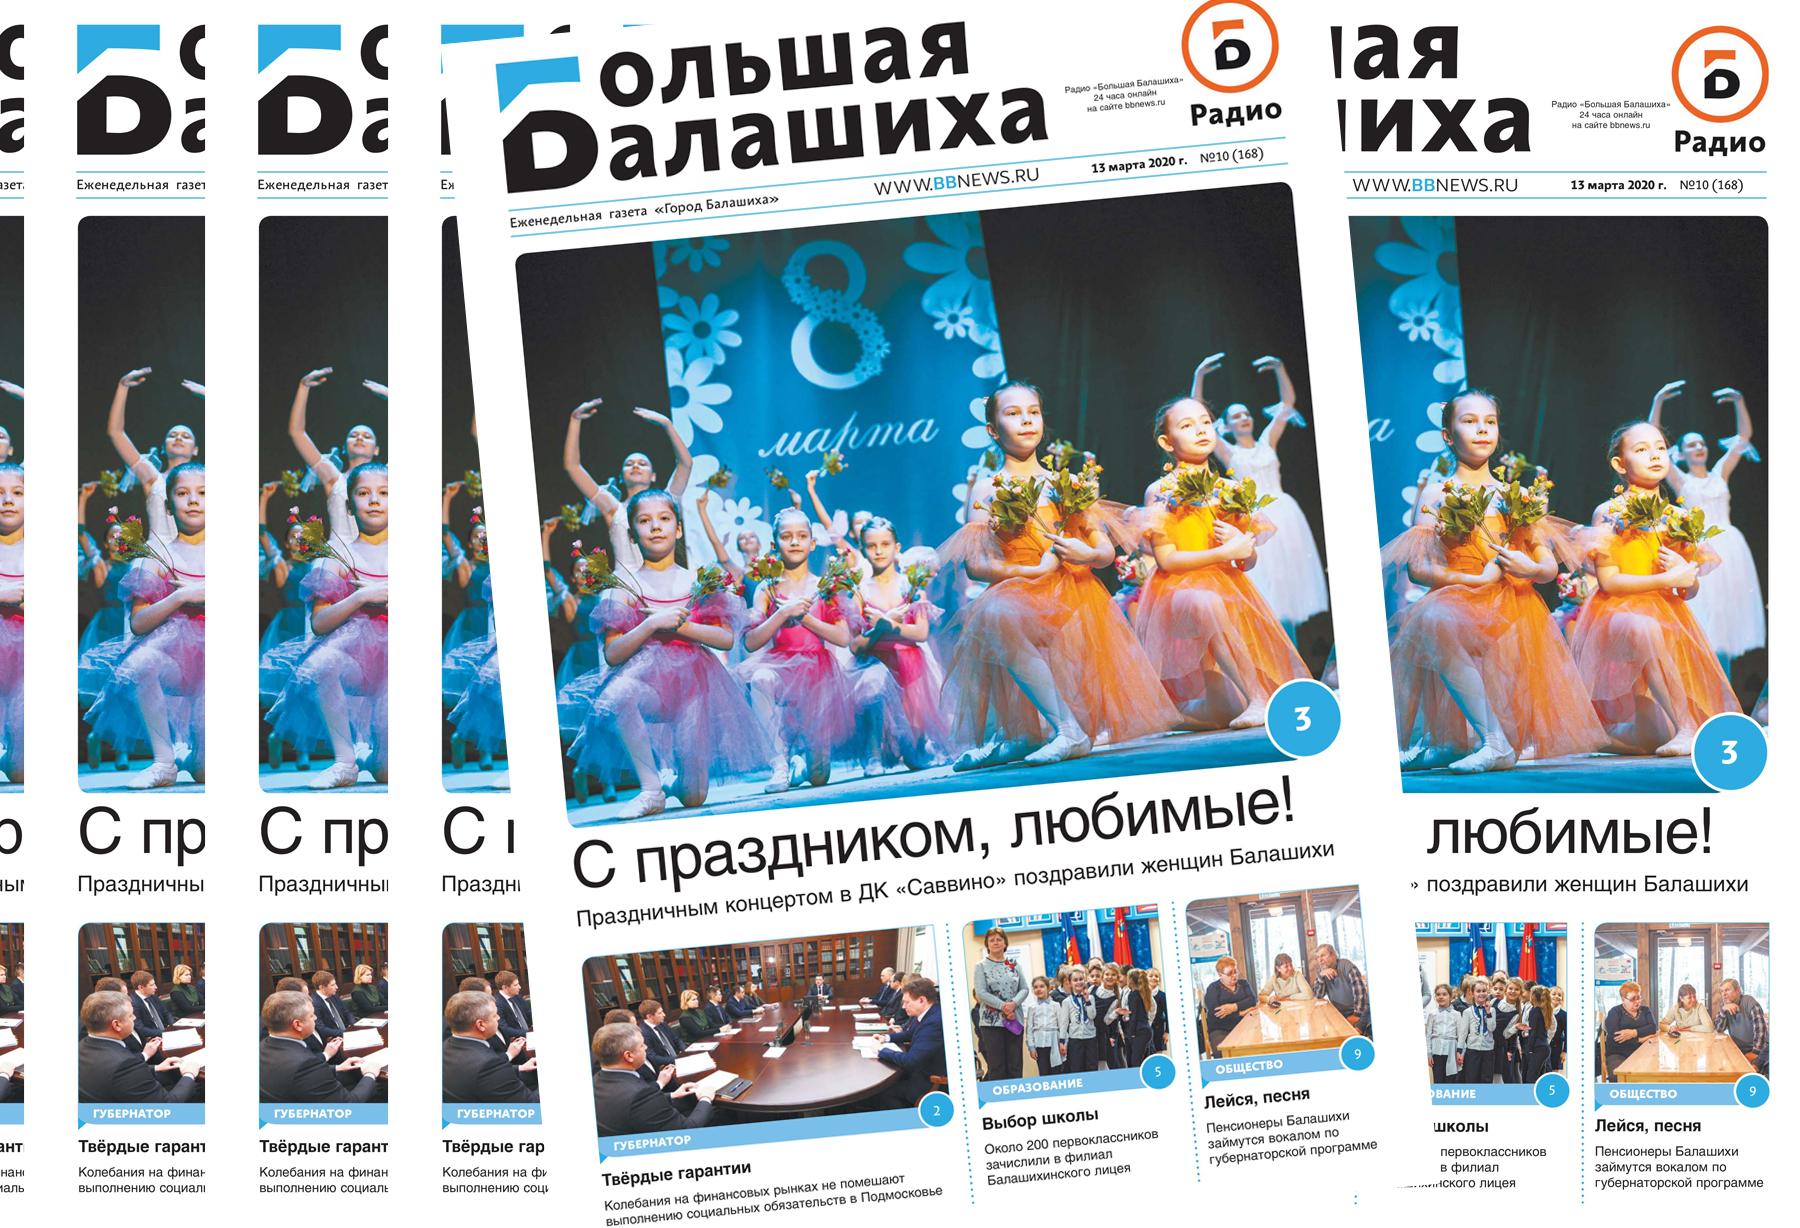 Вышла газета «Город Балашиха» №10 (168)